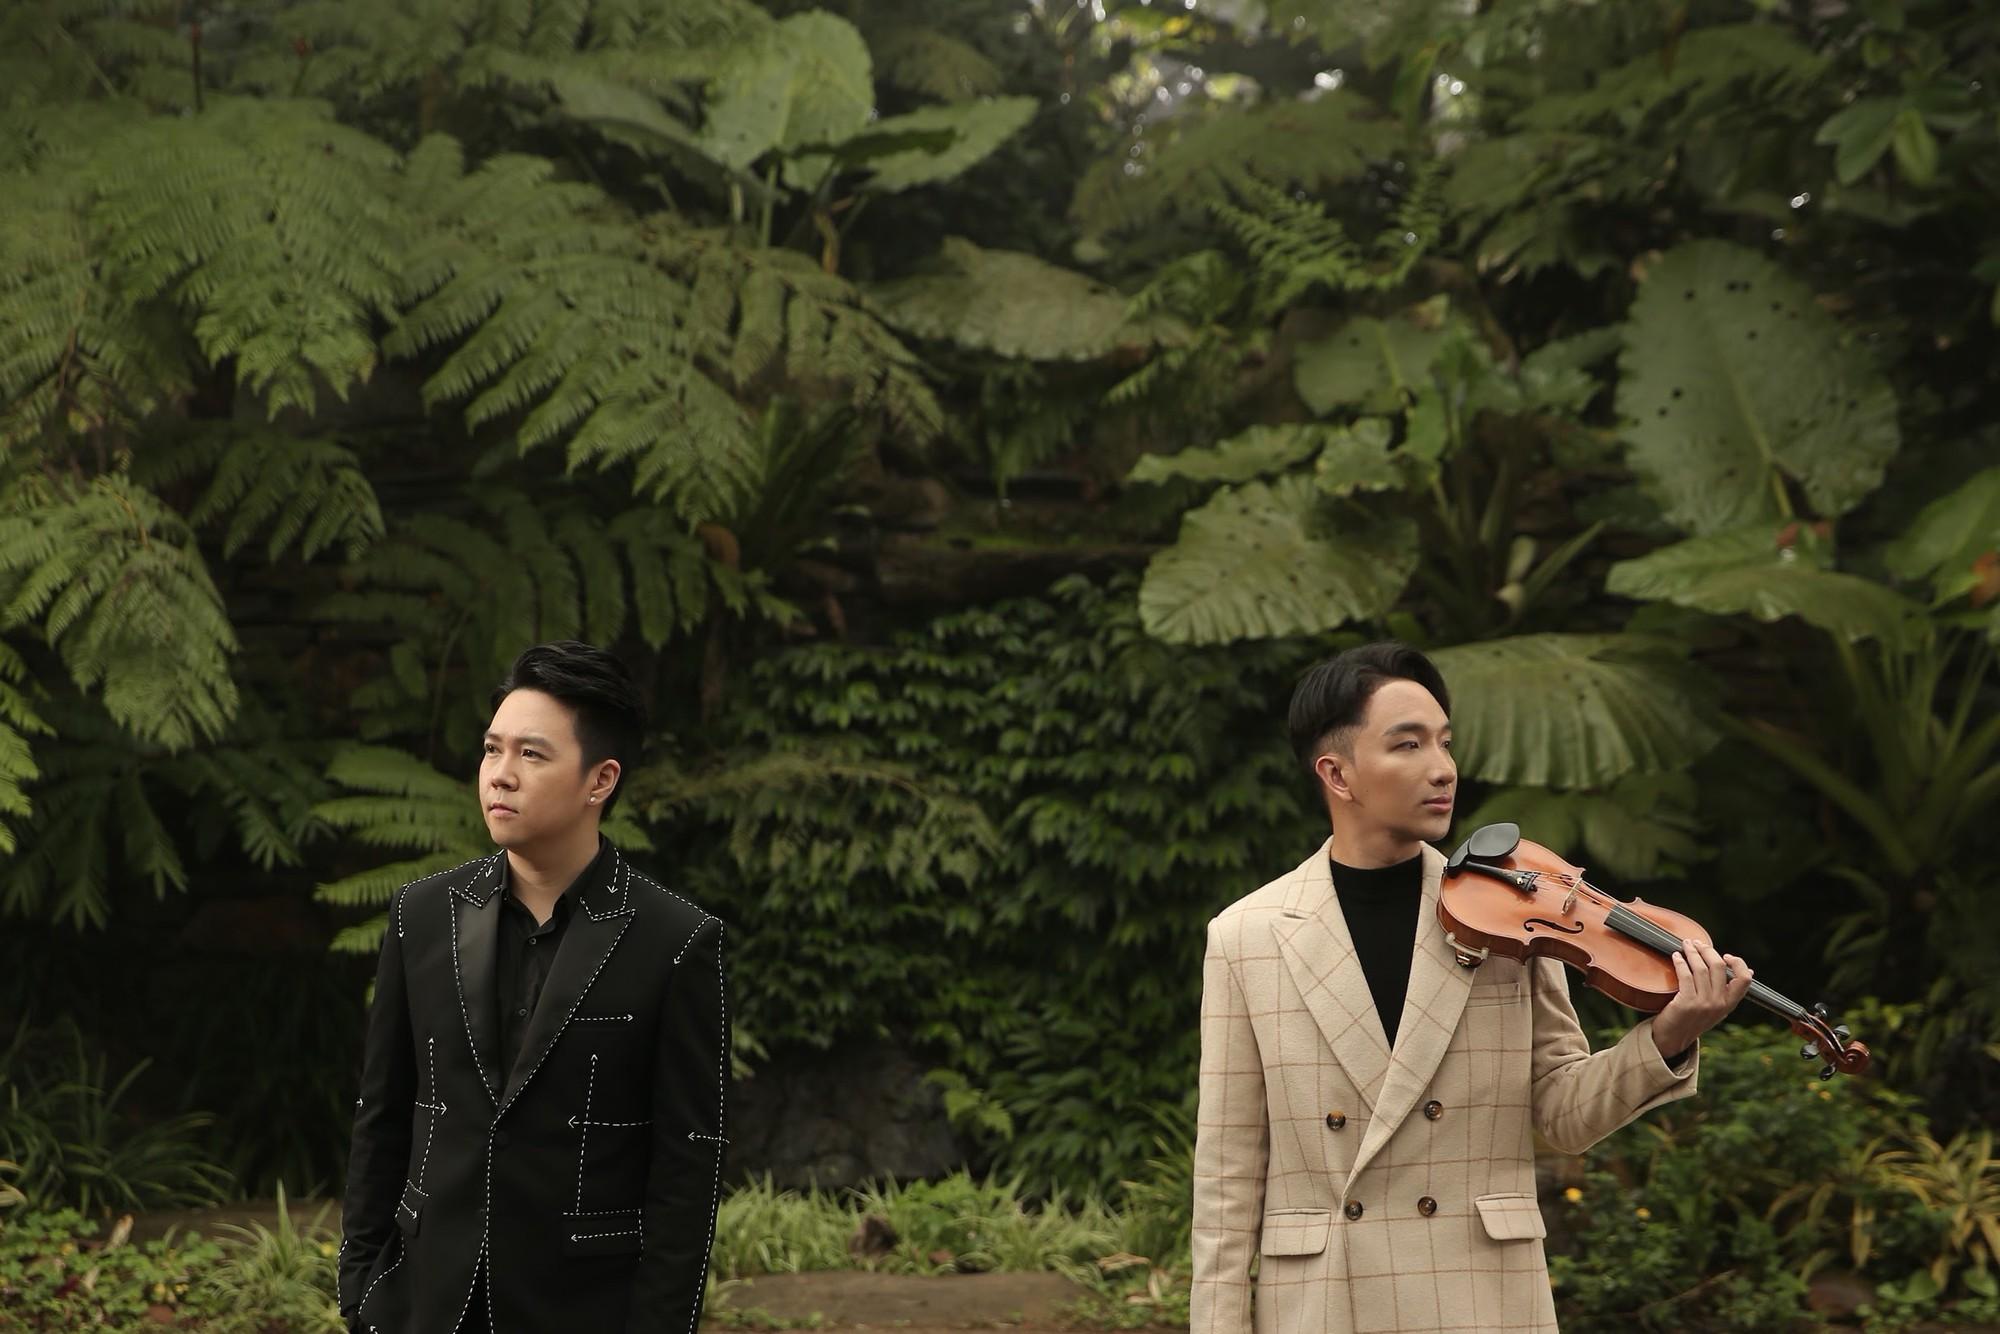 Gần 3 tháng sau kết hôn, Lê Hiếu khoe giọng hát đầy cảm xúc trong MV kết hợp cùng nghệ sĩ violon Hoàng Rob - Ảnh 2.